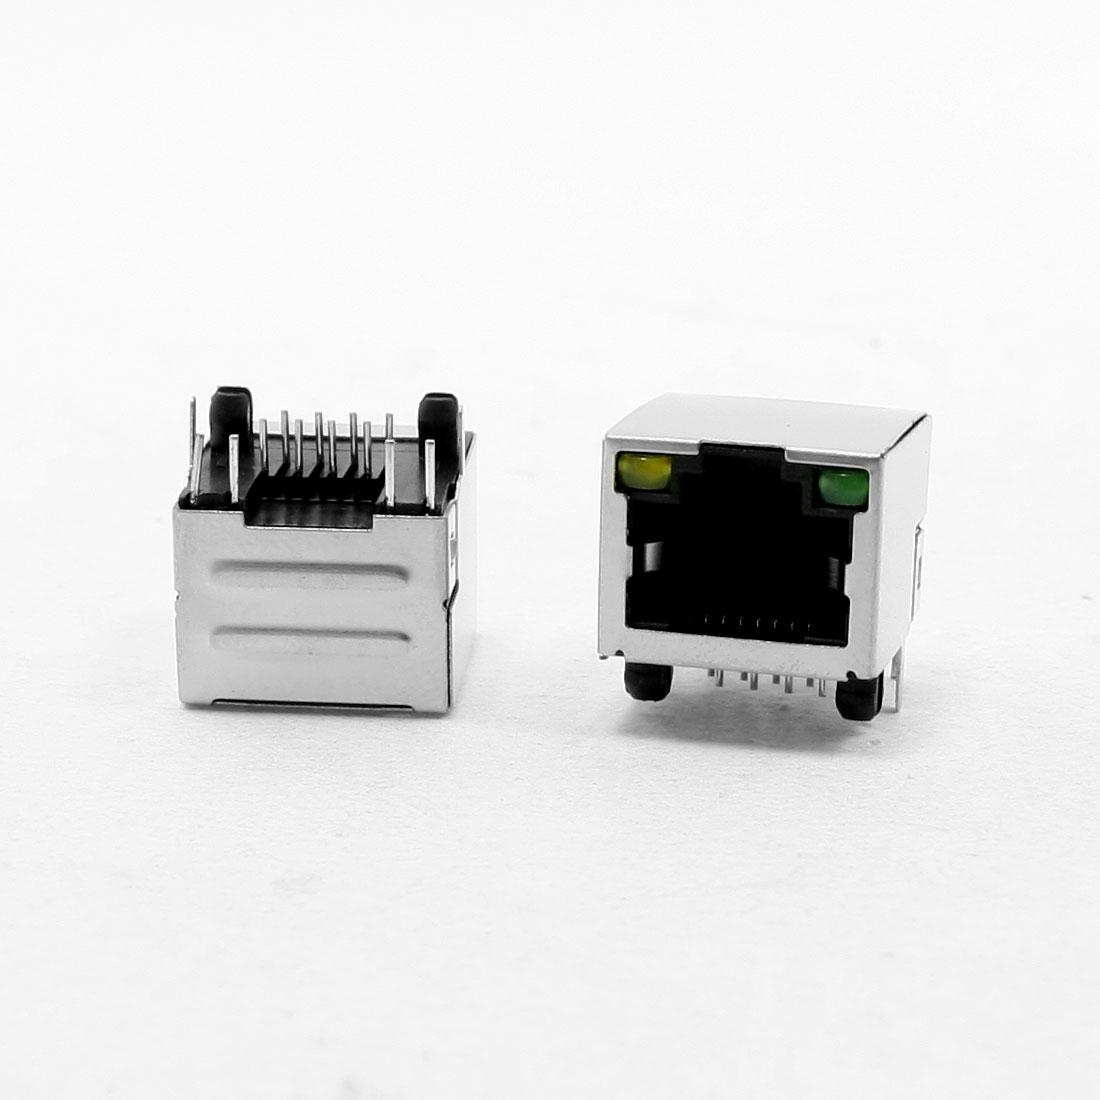 LED Indicator Light RJ45 8P8C PCB Mounting Shielded Jacks Connectors 20Pcs